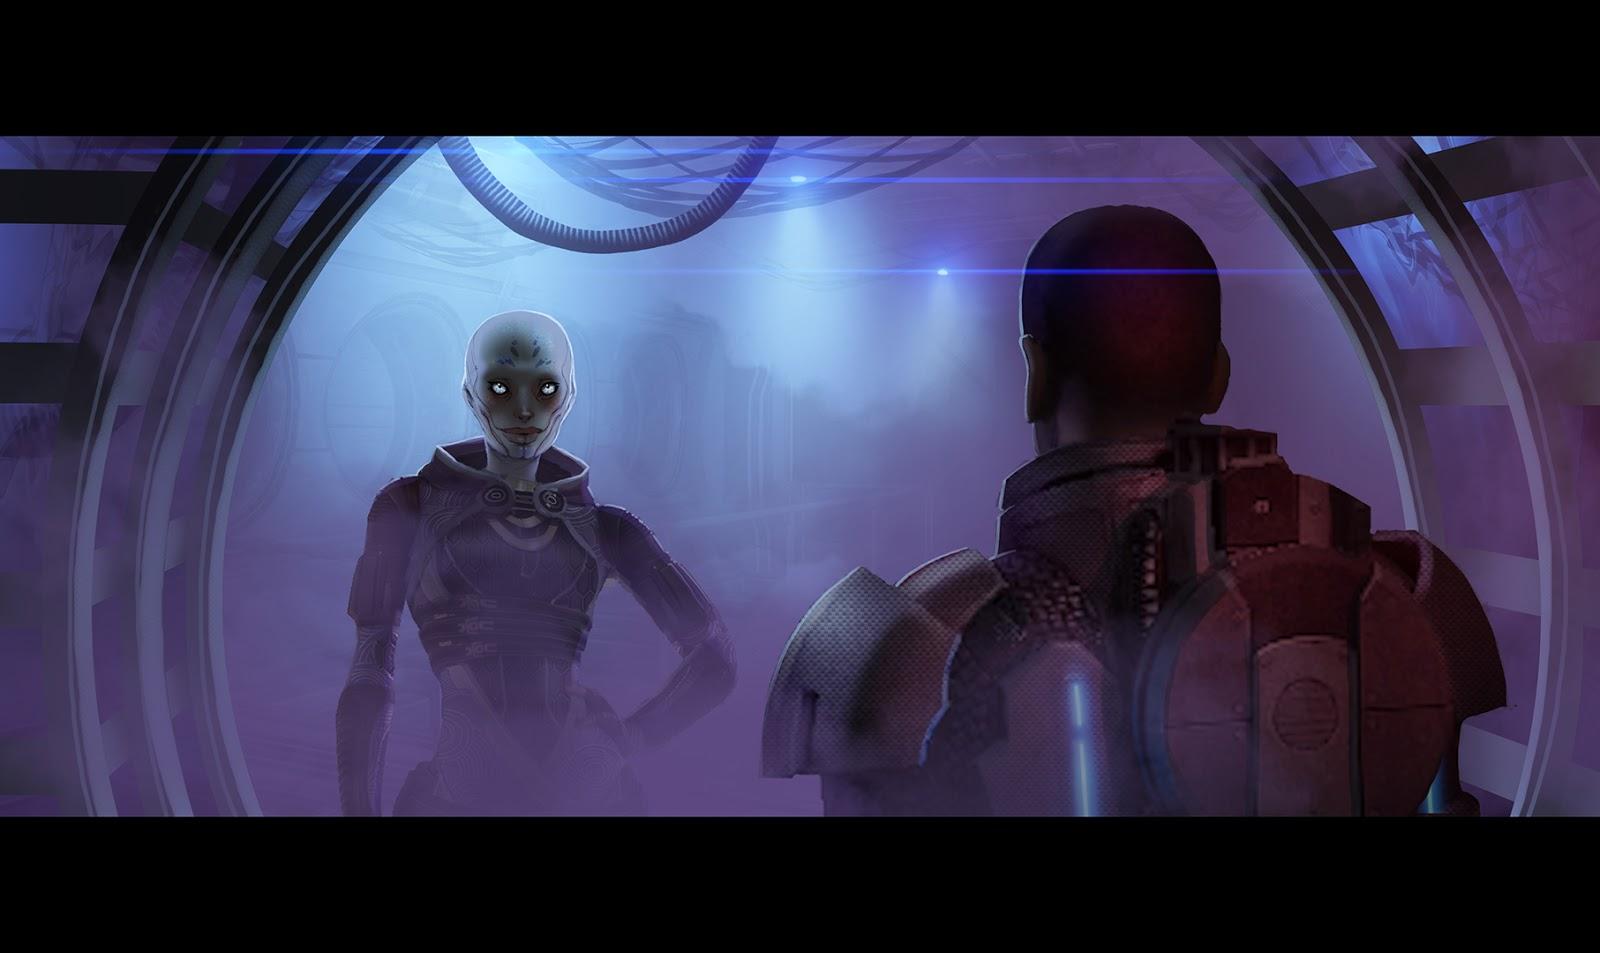 Takhle mohl původně vypadat Mass Effect a Dragon Age 85166